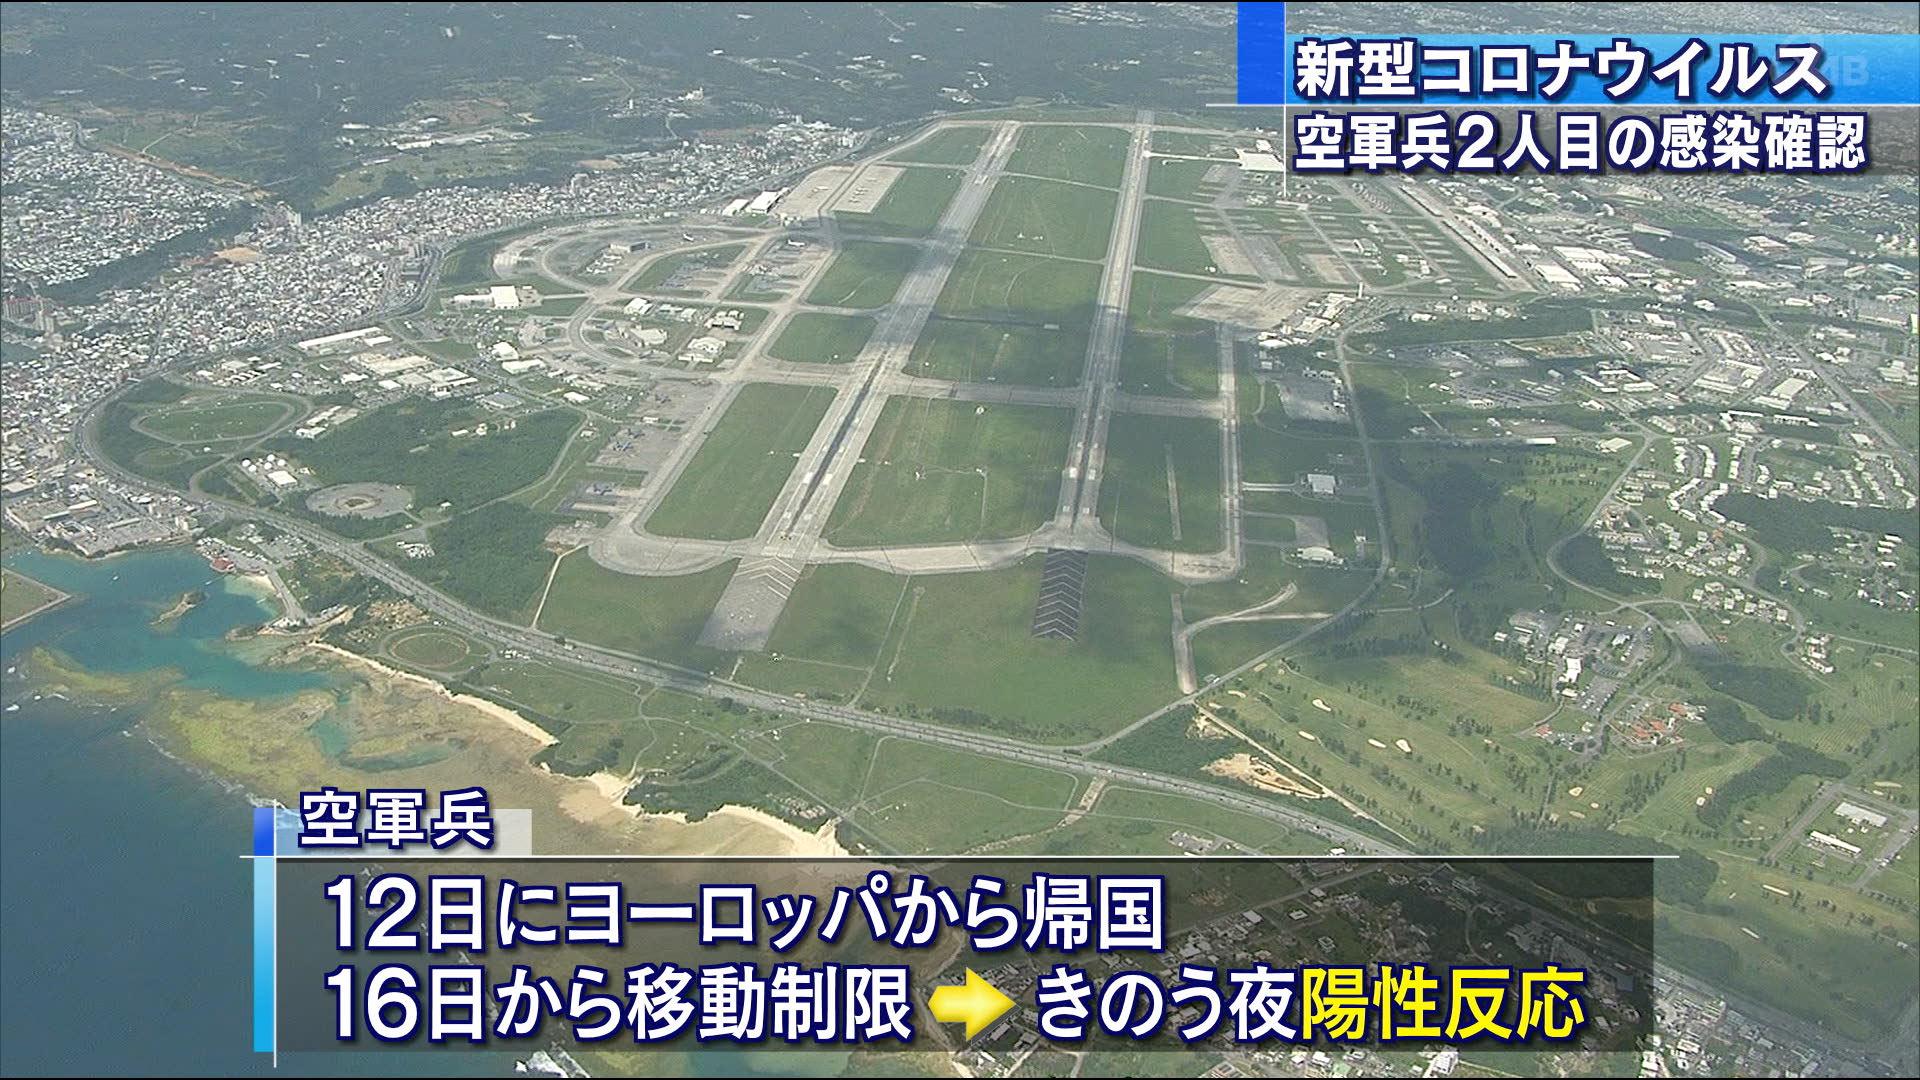 新型コロナ 嘉手納基地の空軍兵2人目の感染確認